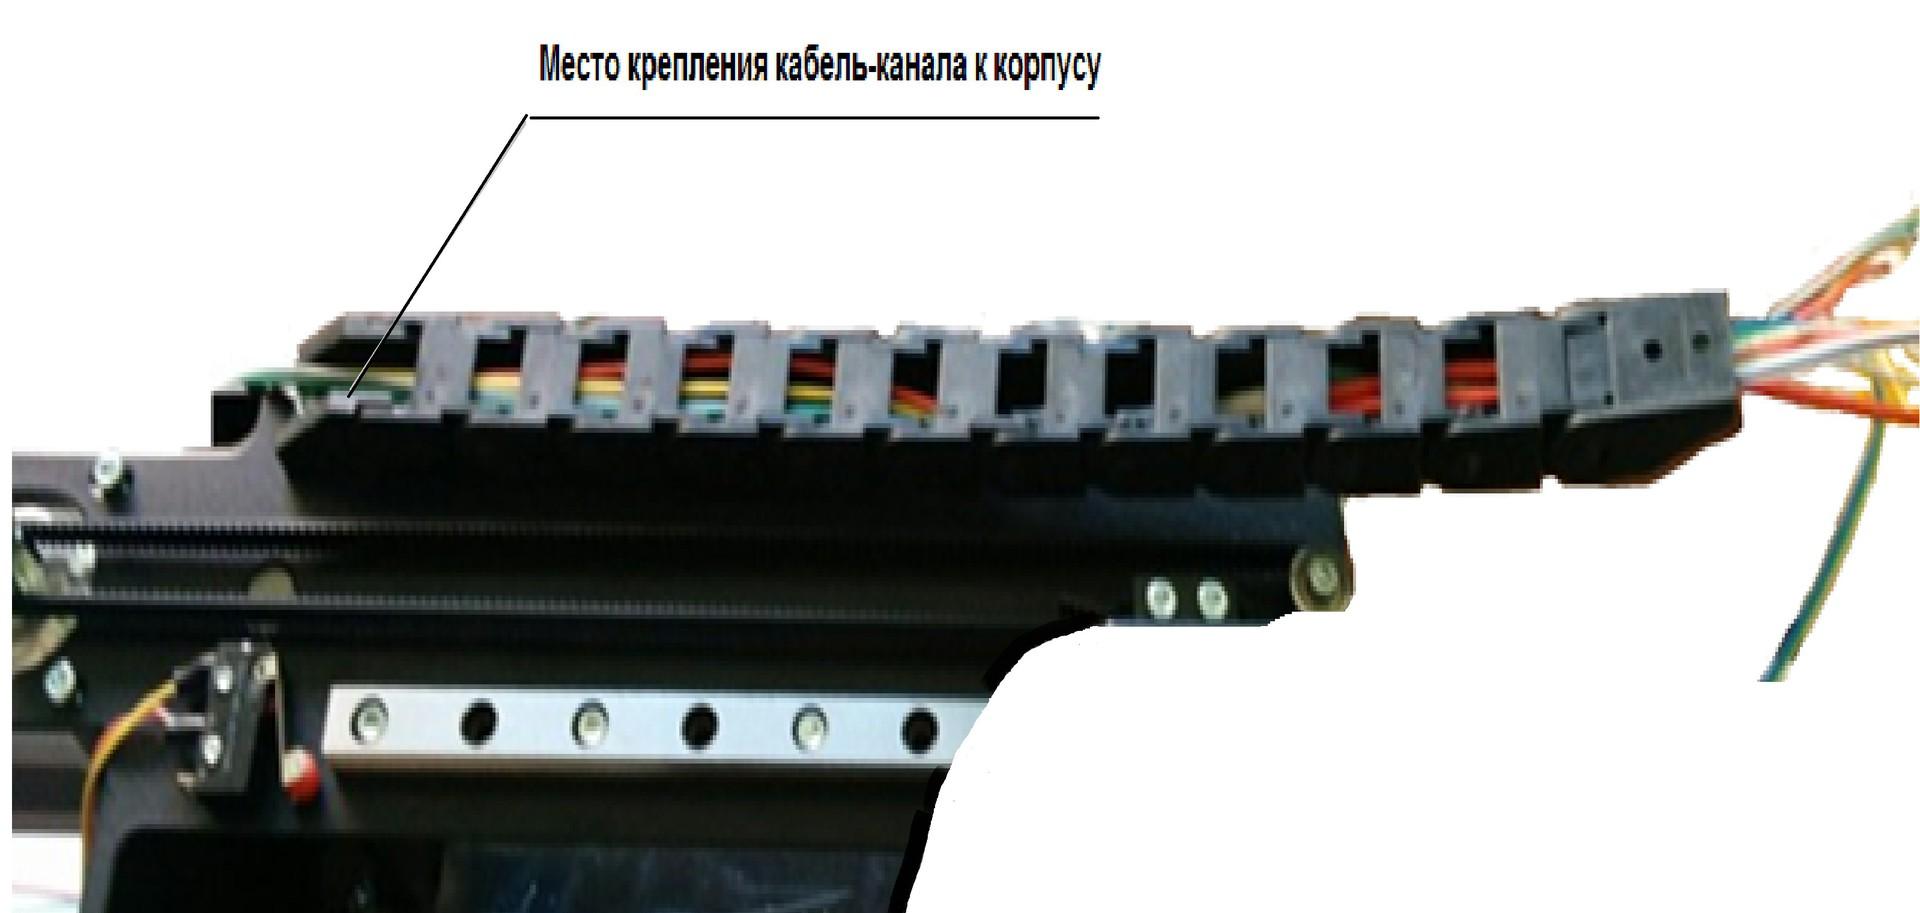 Инструкция по сборке 3D принтера Prism Uni(часть 2-электрика) - 13